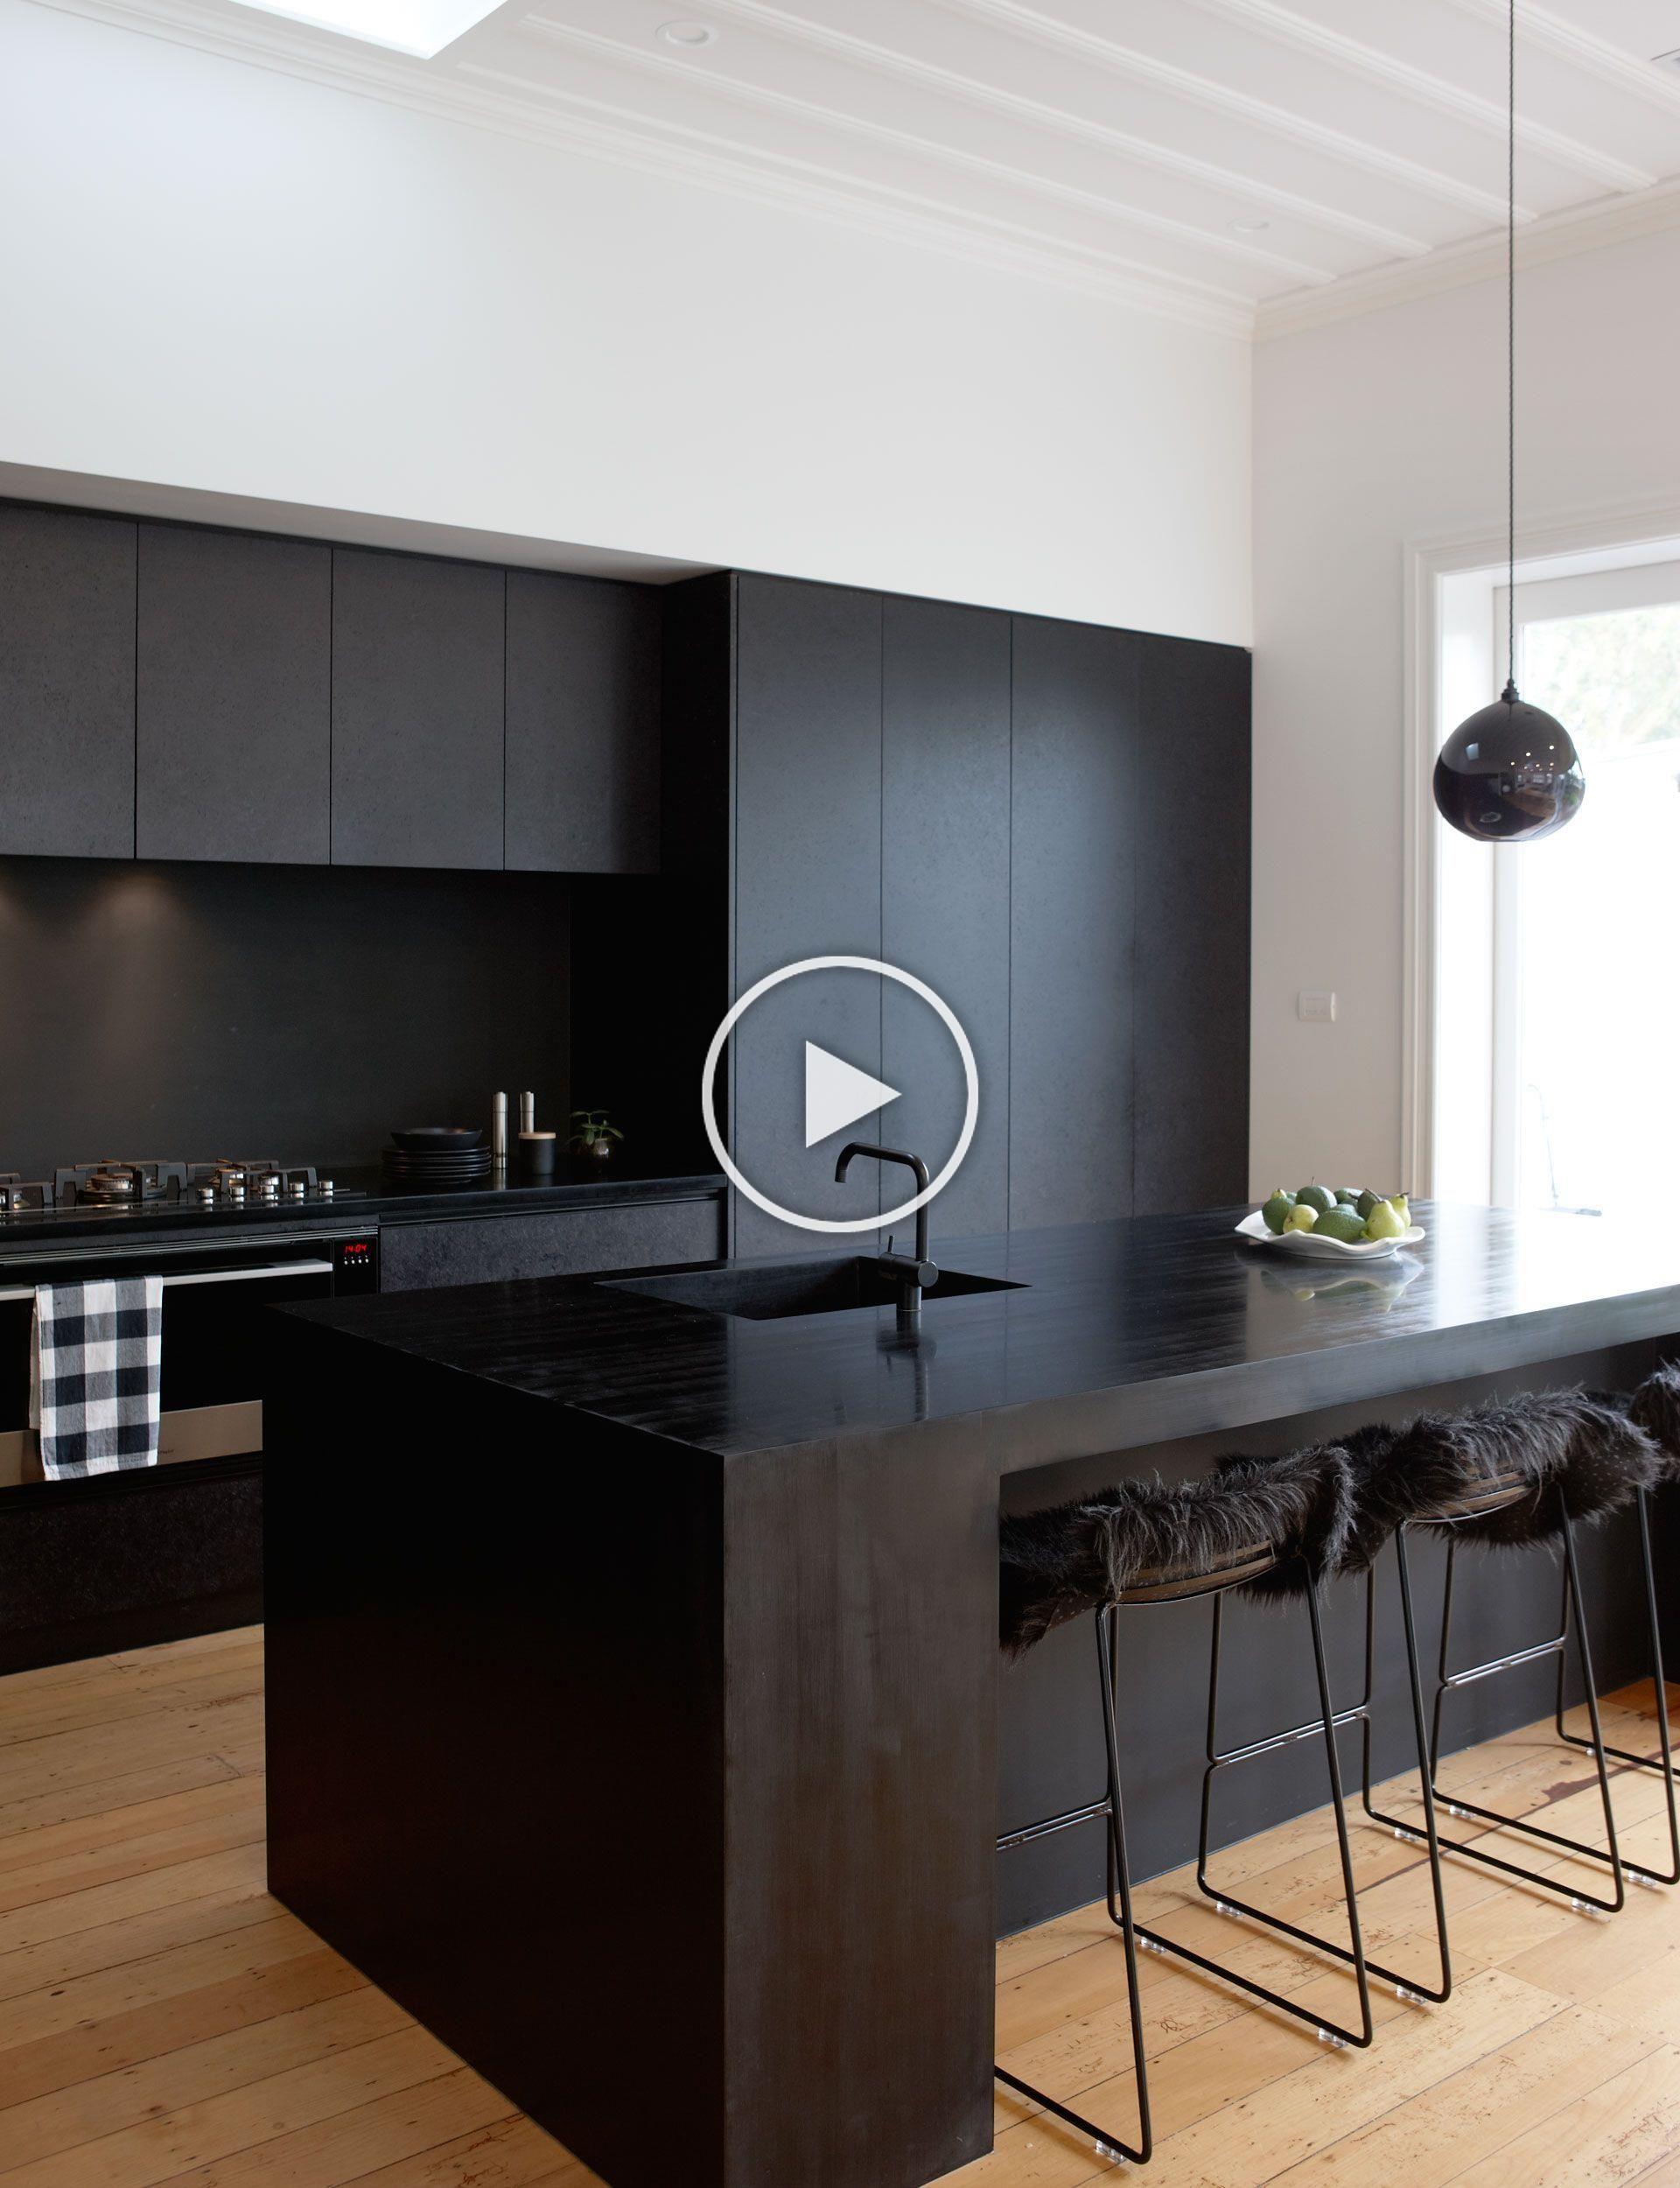 A Matte Black Kitchen Makes Bold